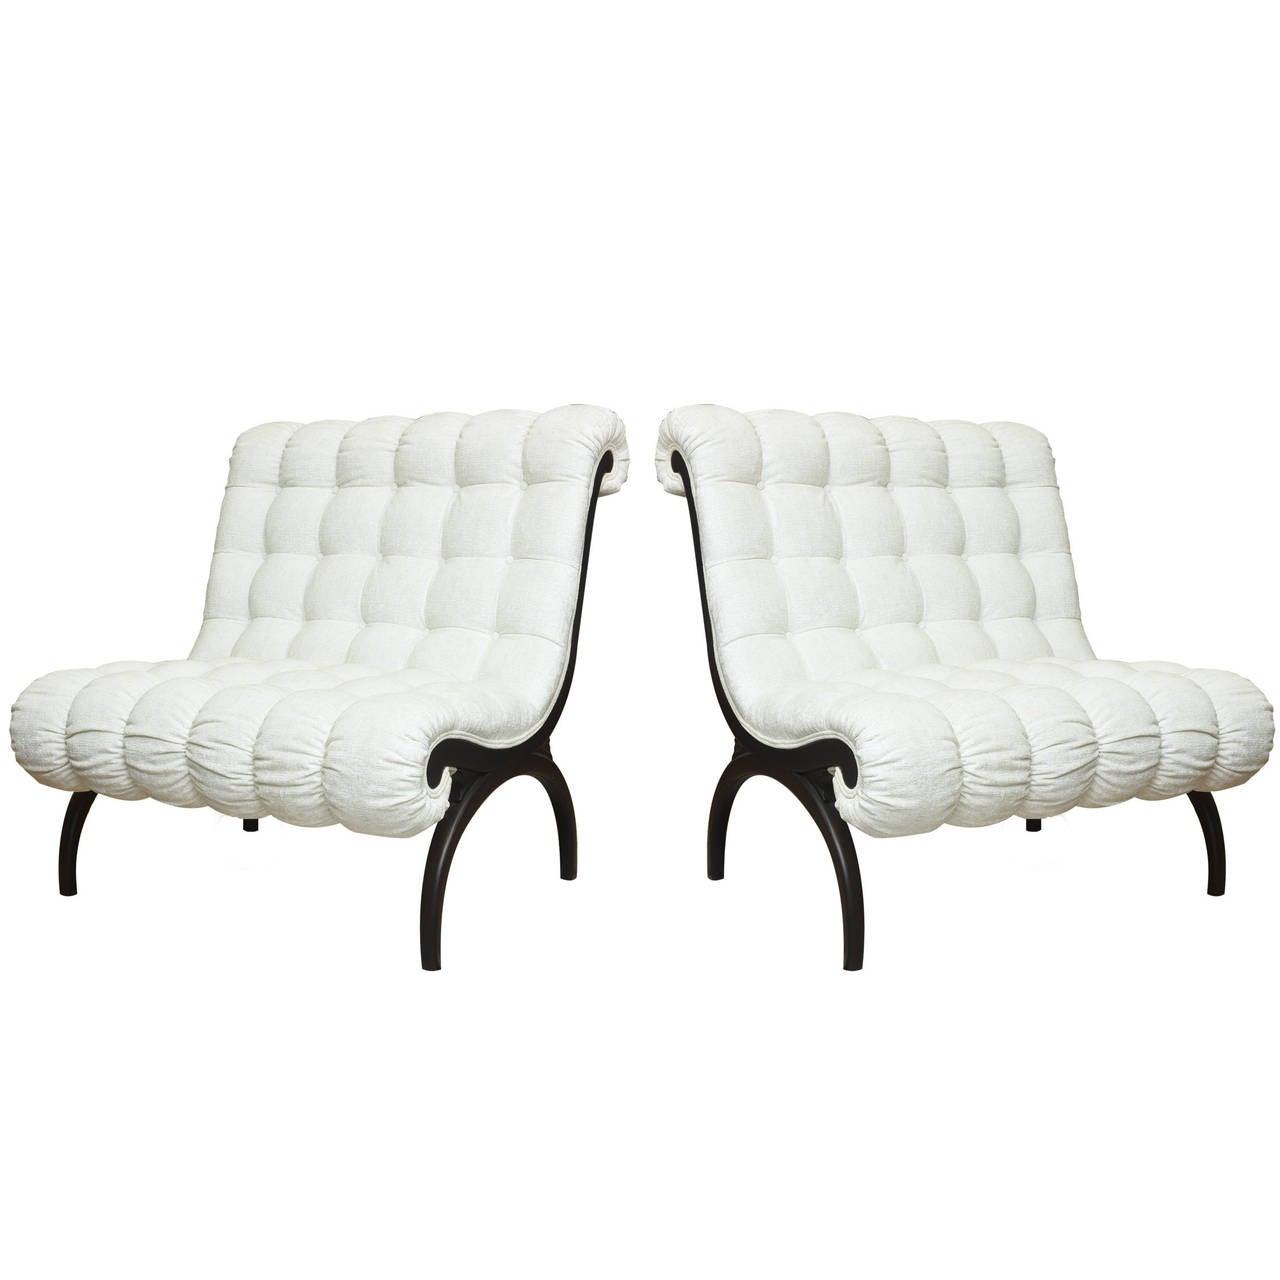 Pair of Grosfeld House Regency Vintage Sculptural Lounge Chairs/ Settees